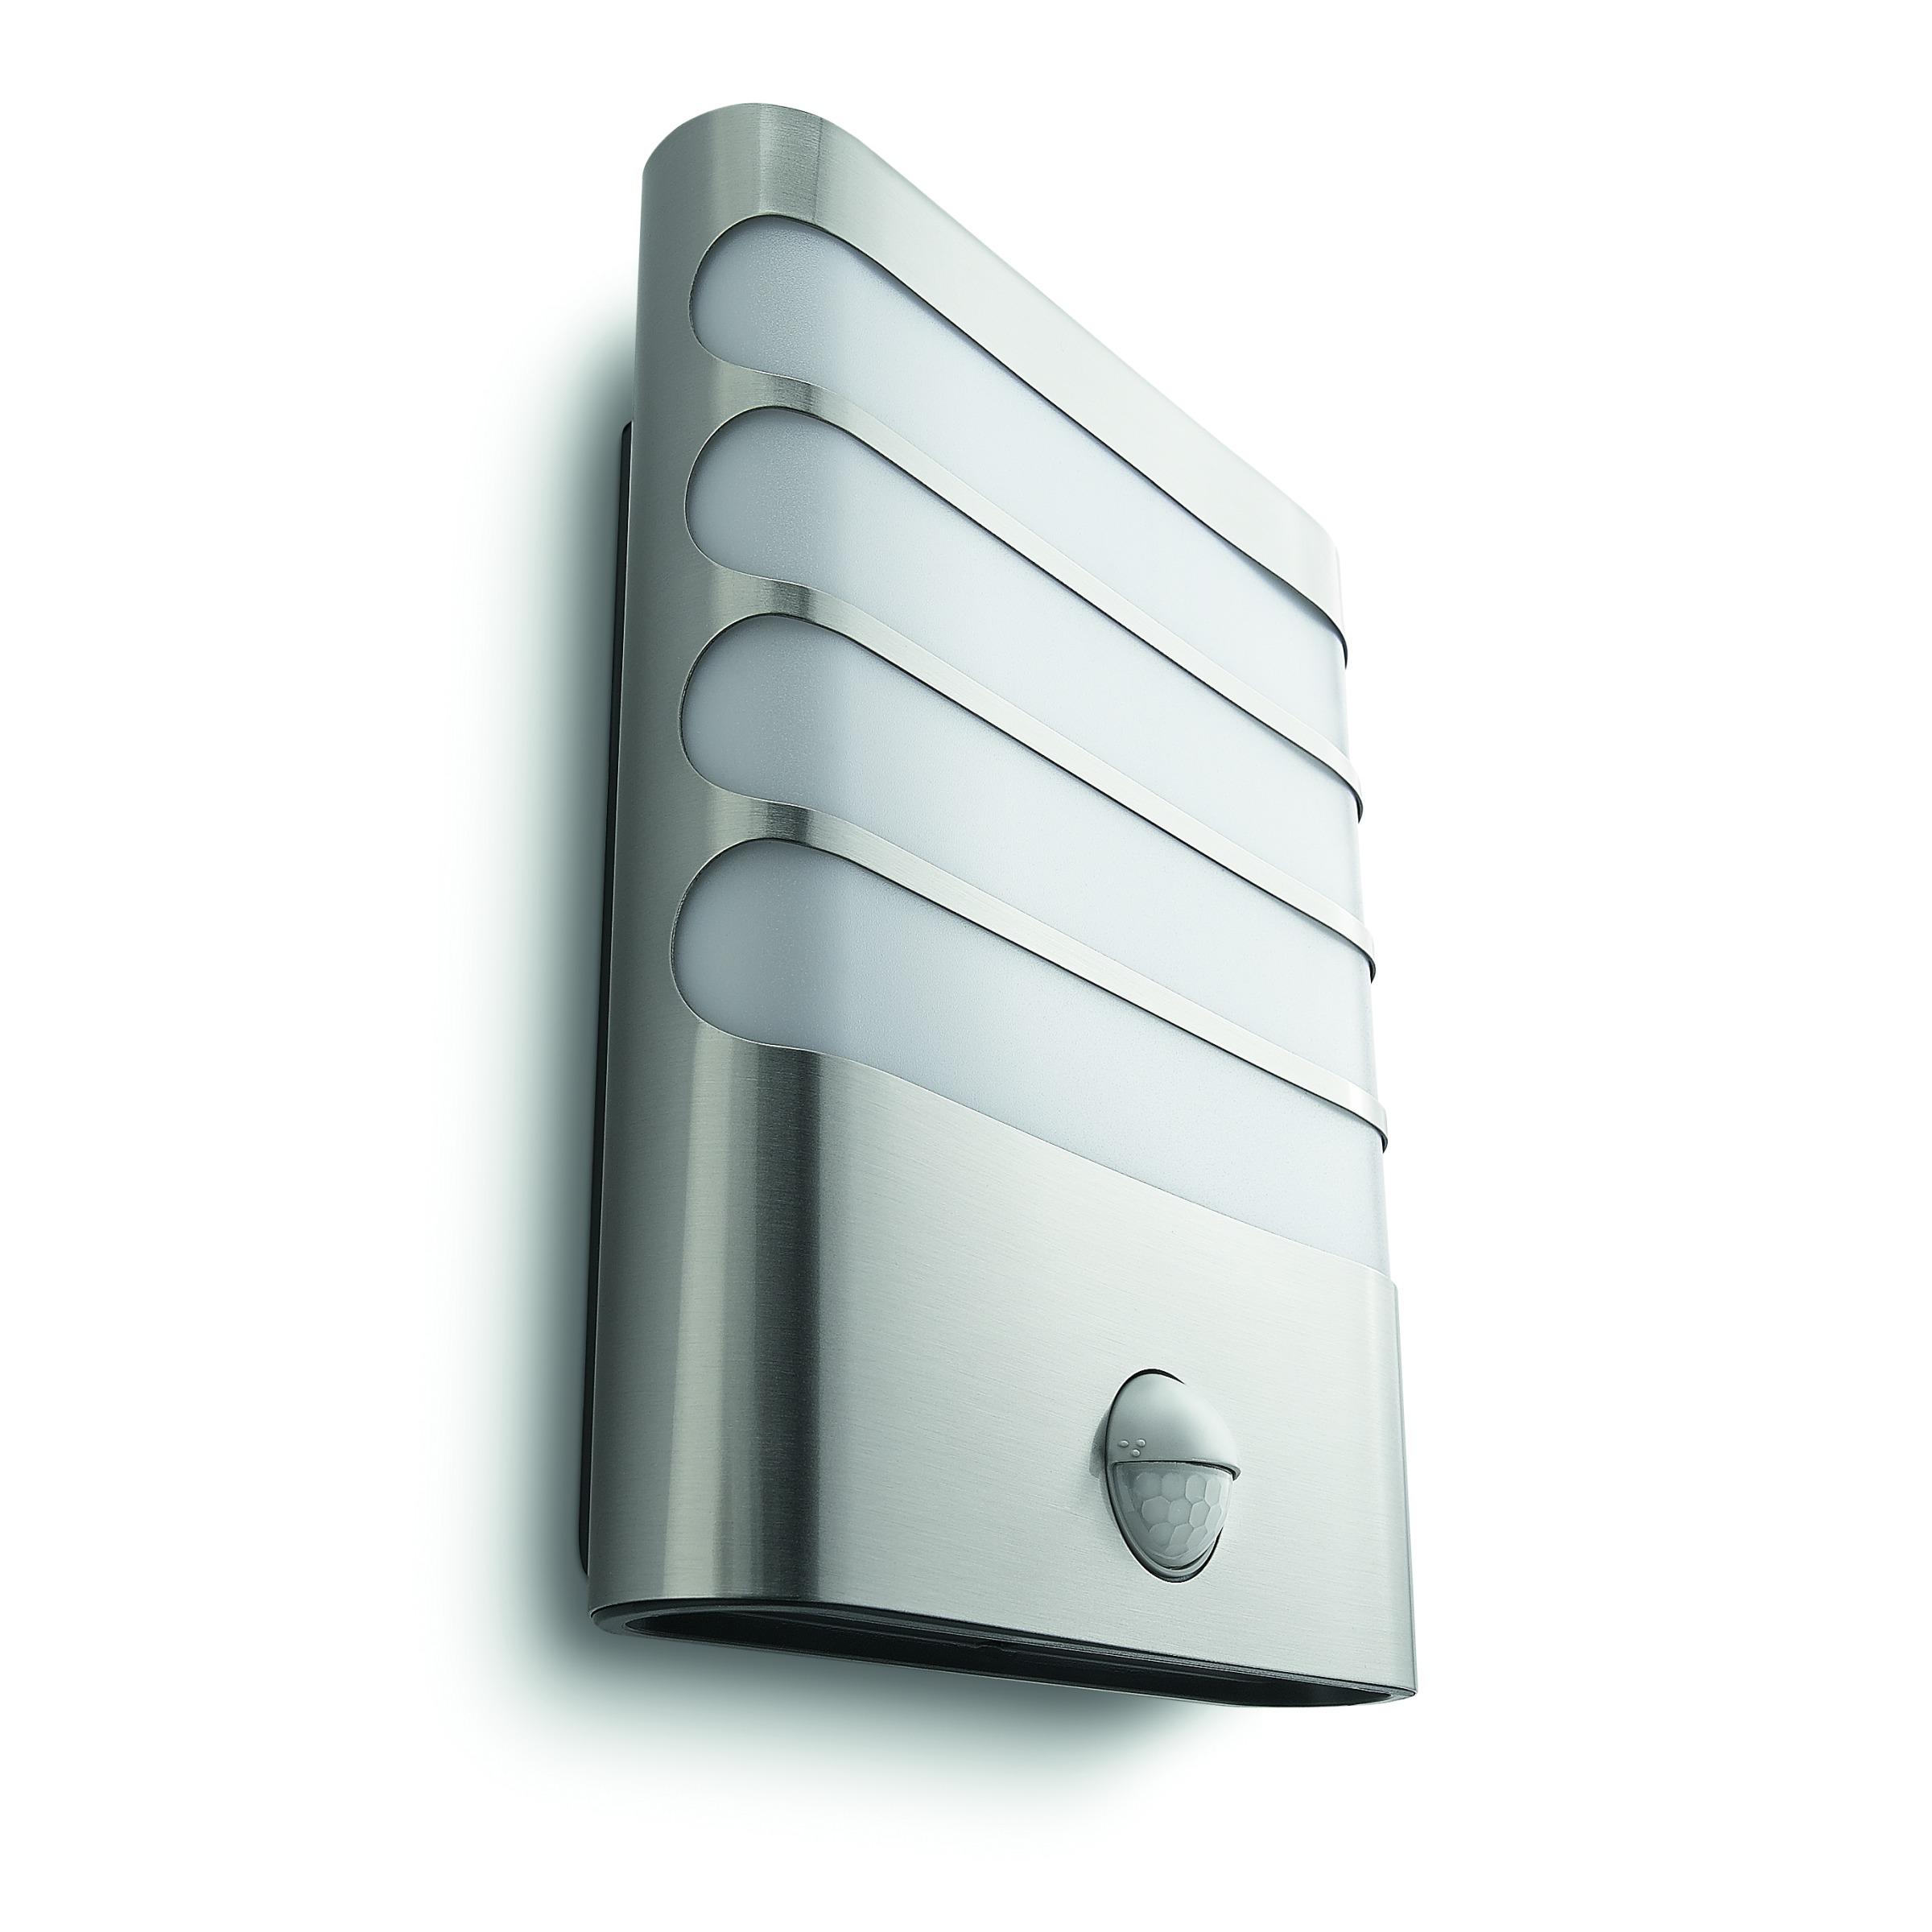 Buitenlamp Met Sensor Karwei.Led Buitenlamp Met Sensor Karwei Kopen Online Internetwinkel